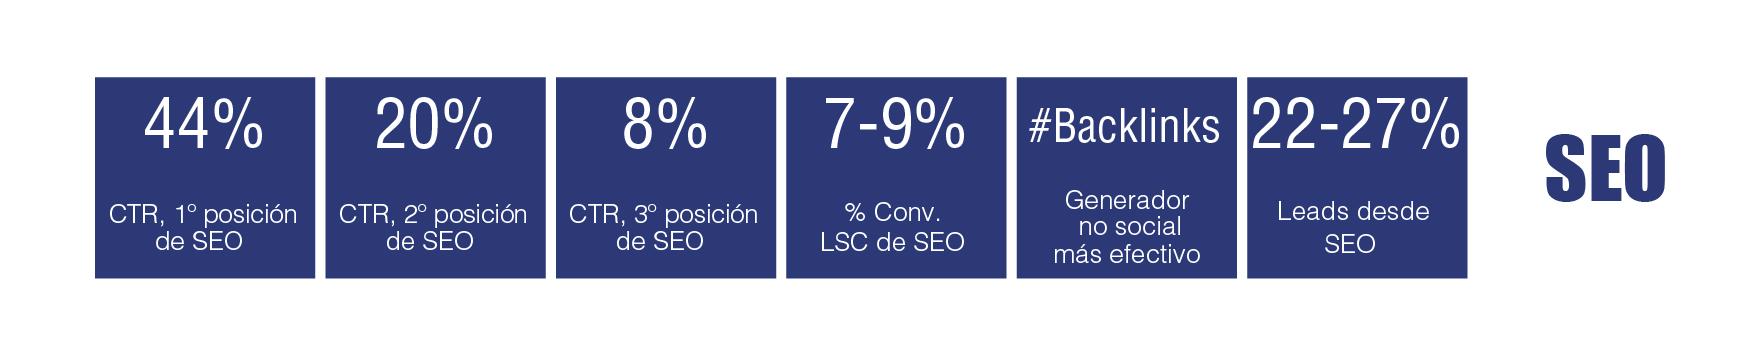 tabla periódica de marketing digital B2B: SEO